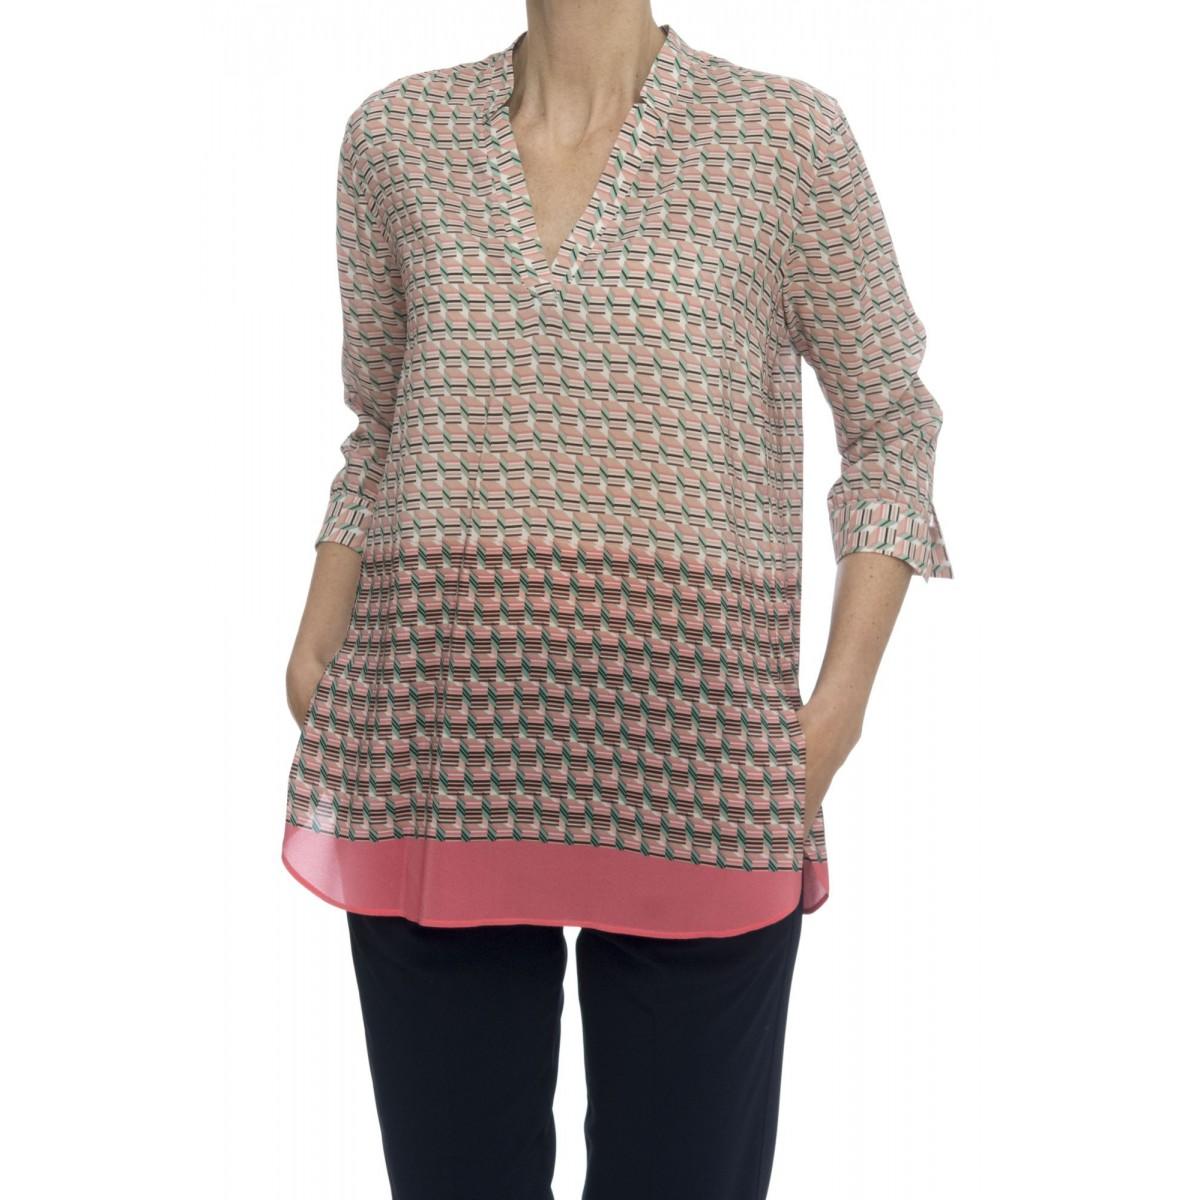 Camicia donna - R2c znv camicia seta stampa 3-4